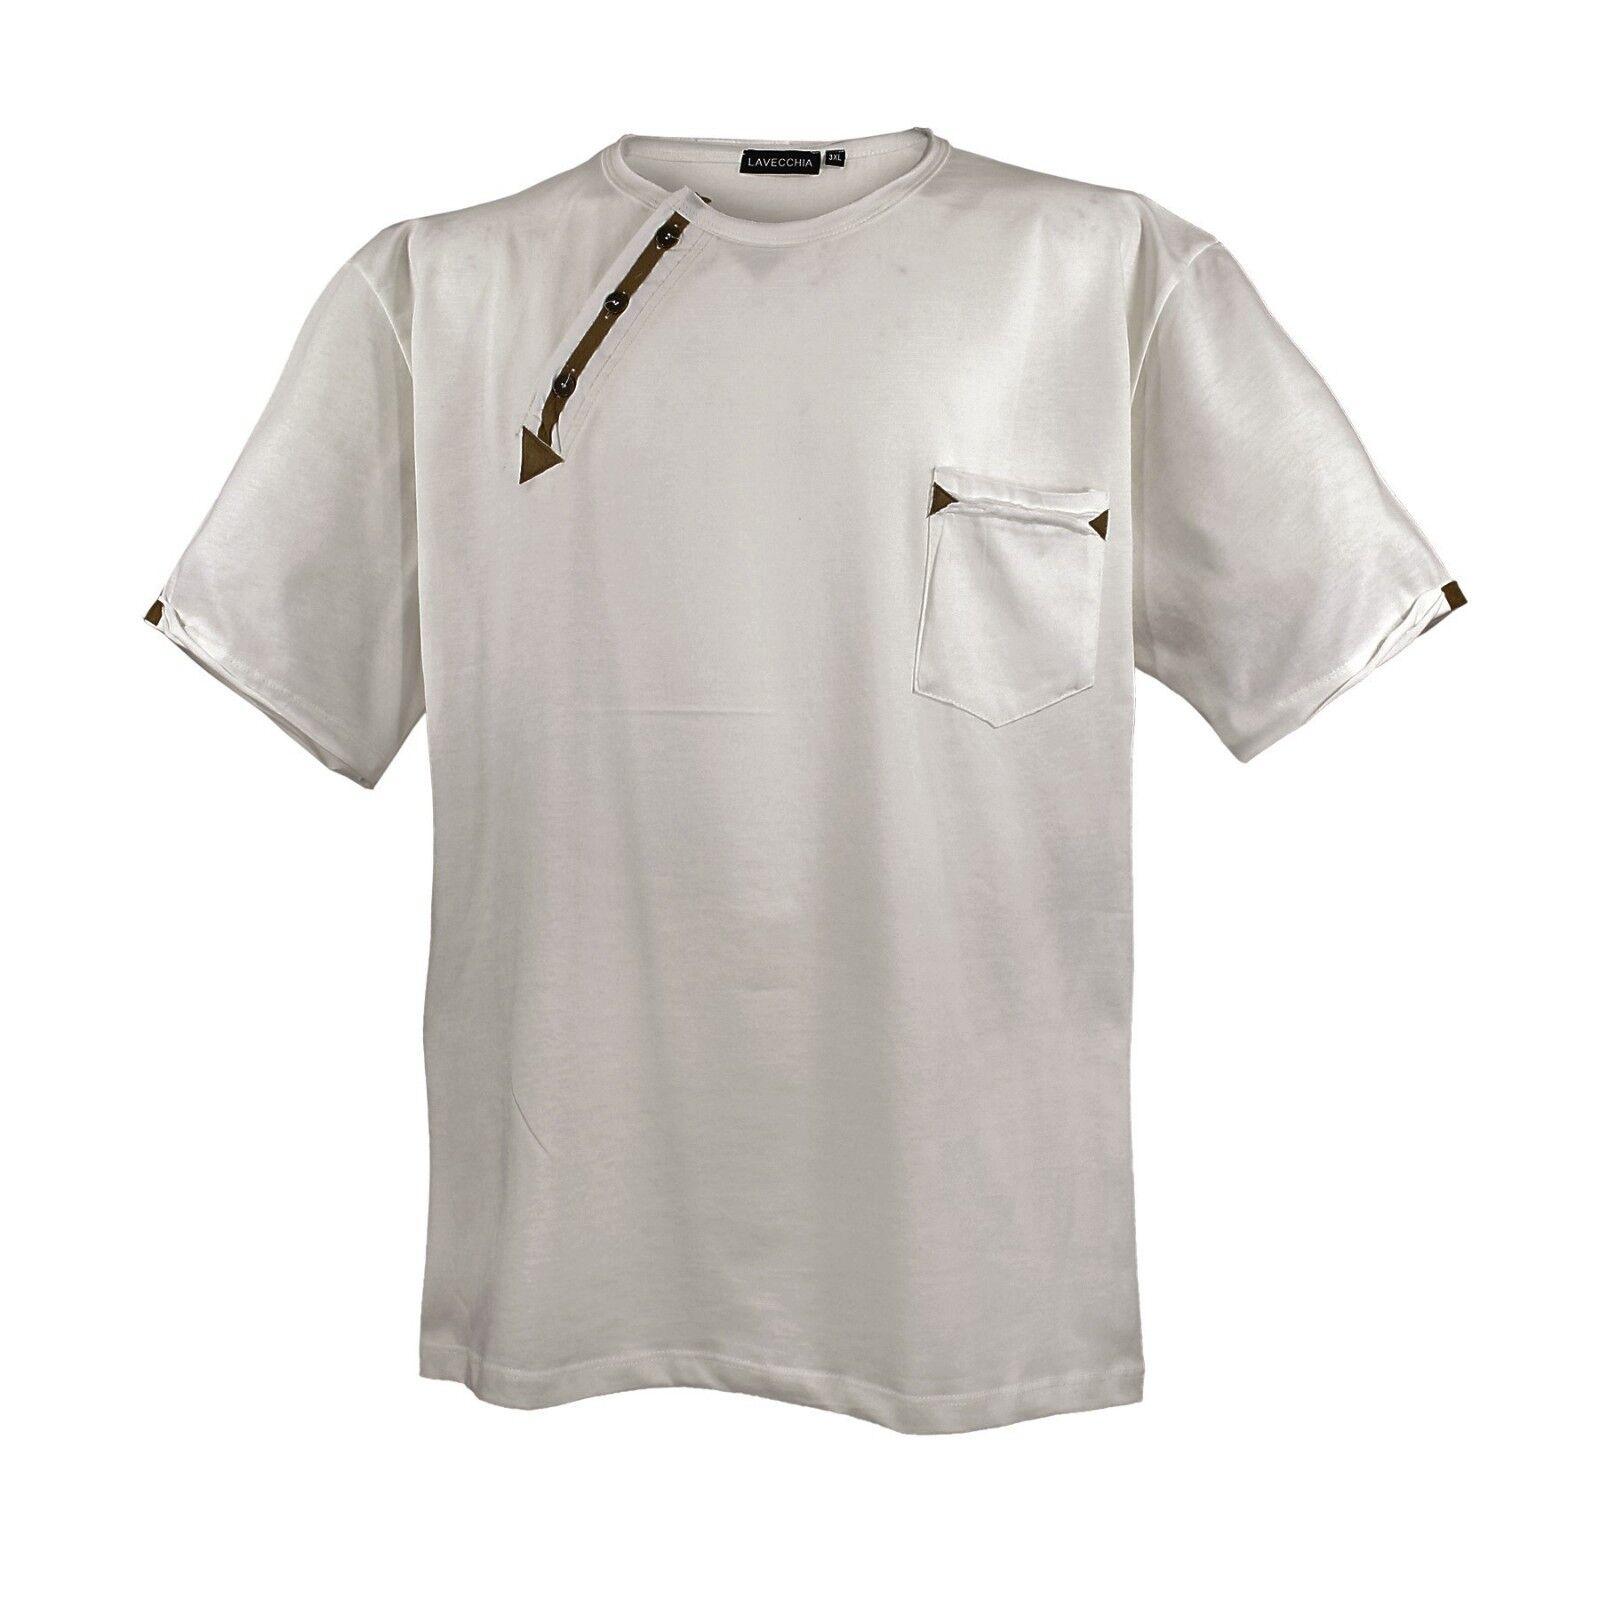 LAVECCHIA LV-116 Übergrößen Herren TOP T-Shirt in 3 Trendfarben 3XL-8XL